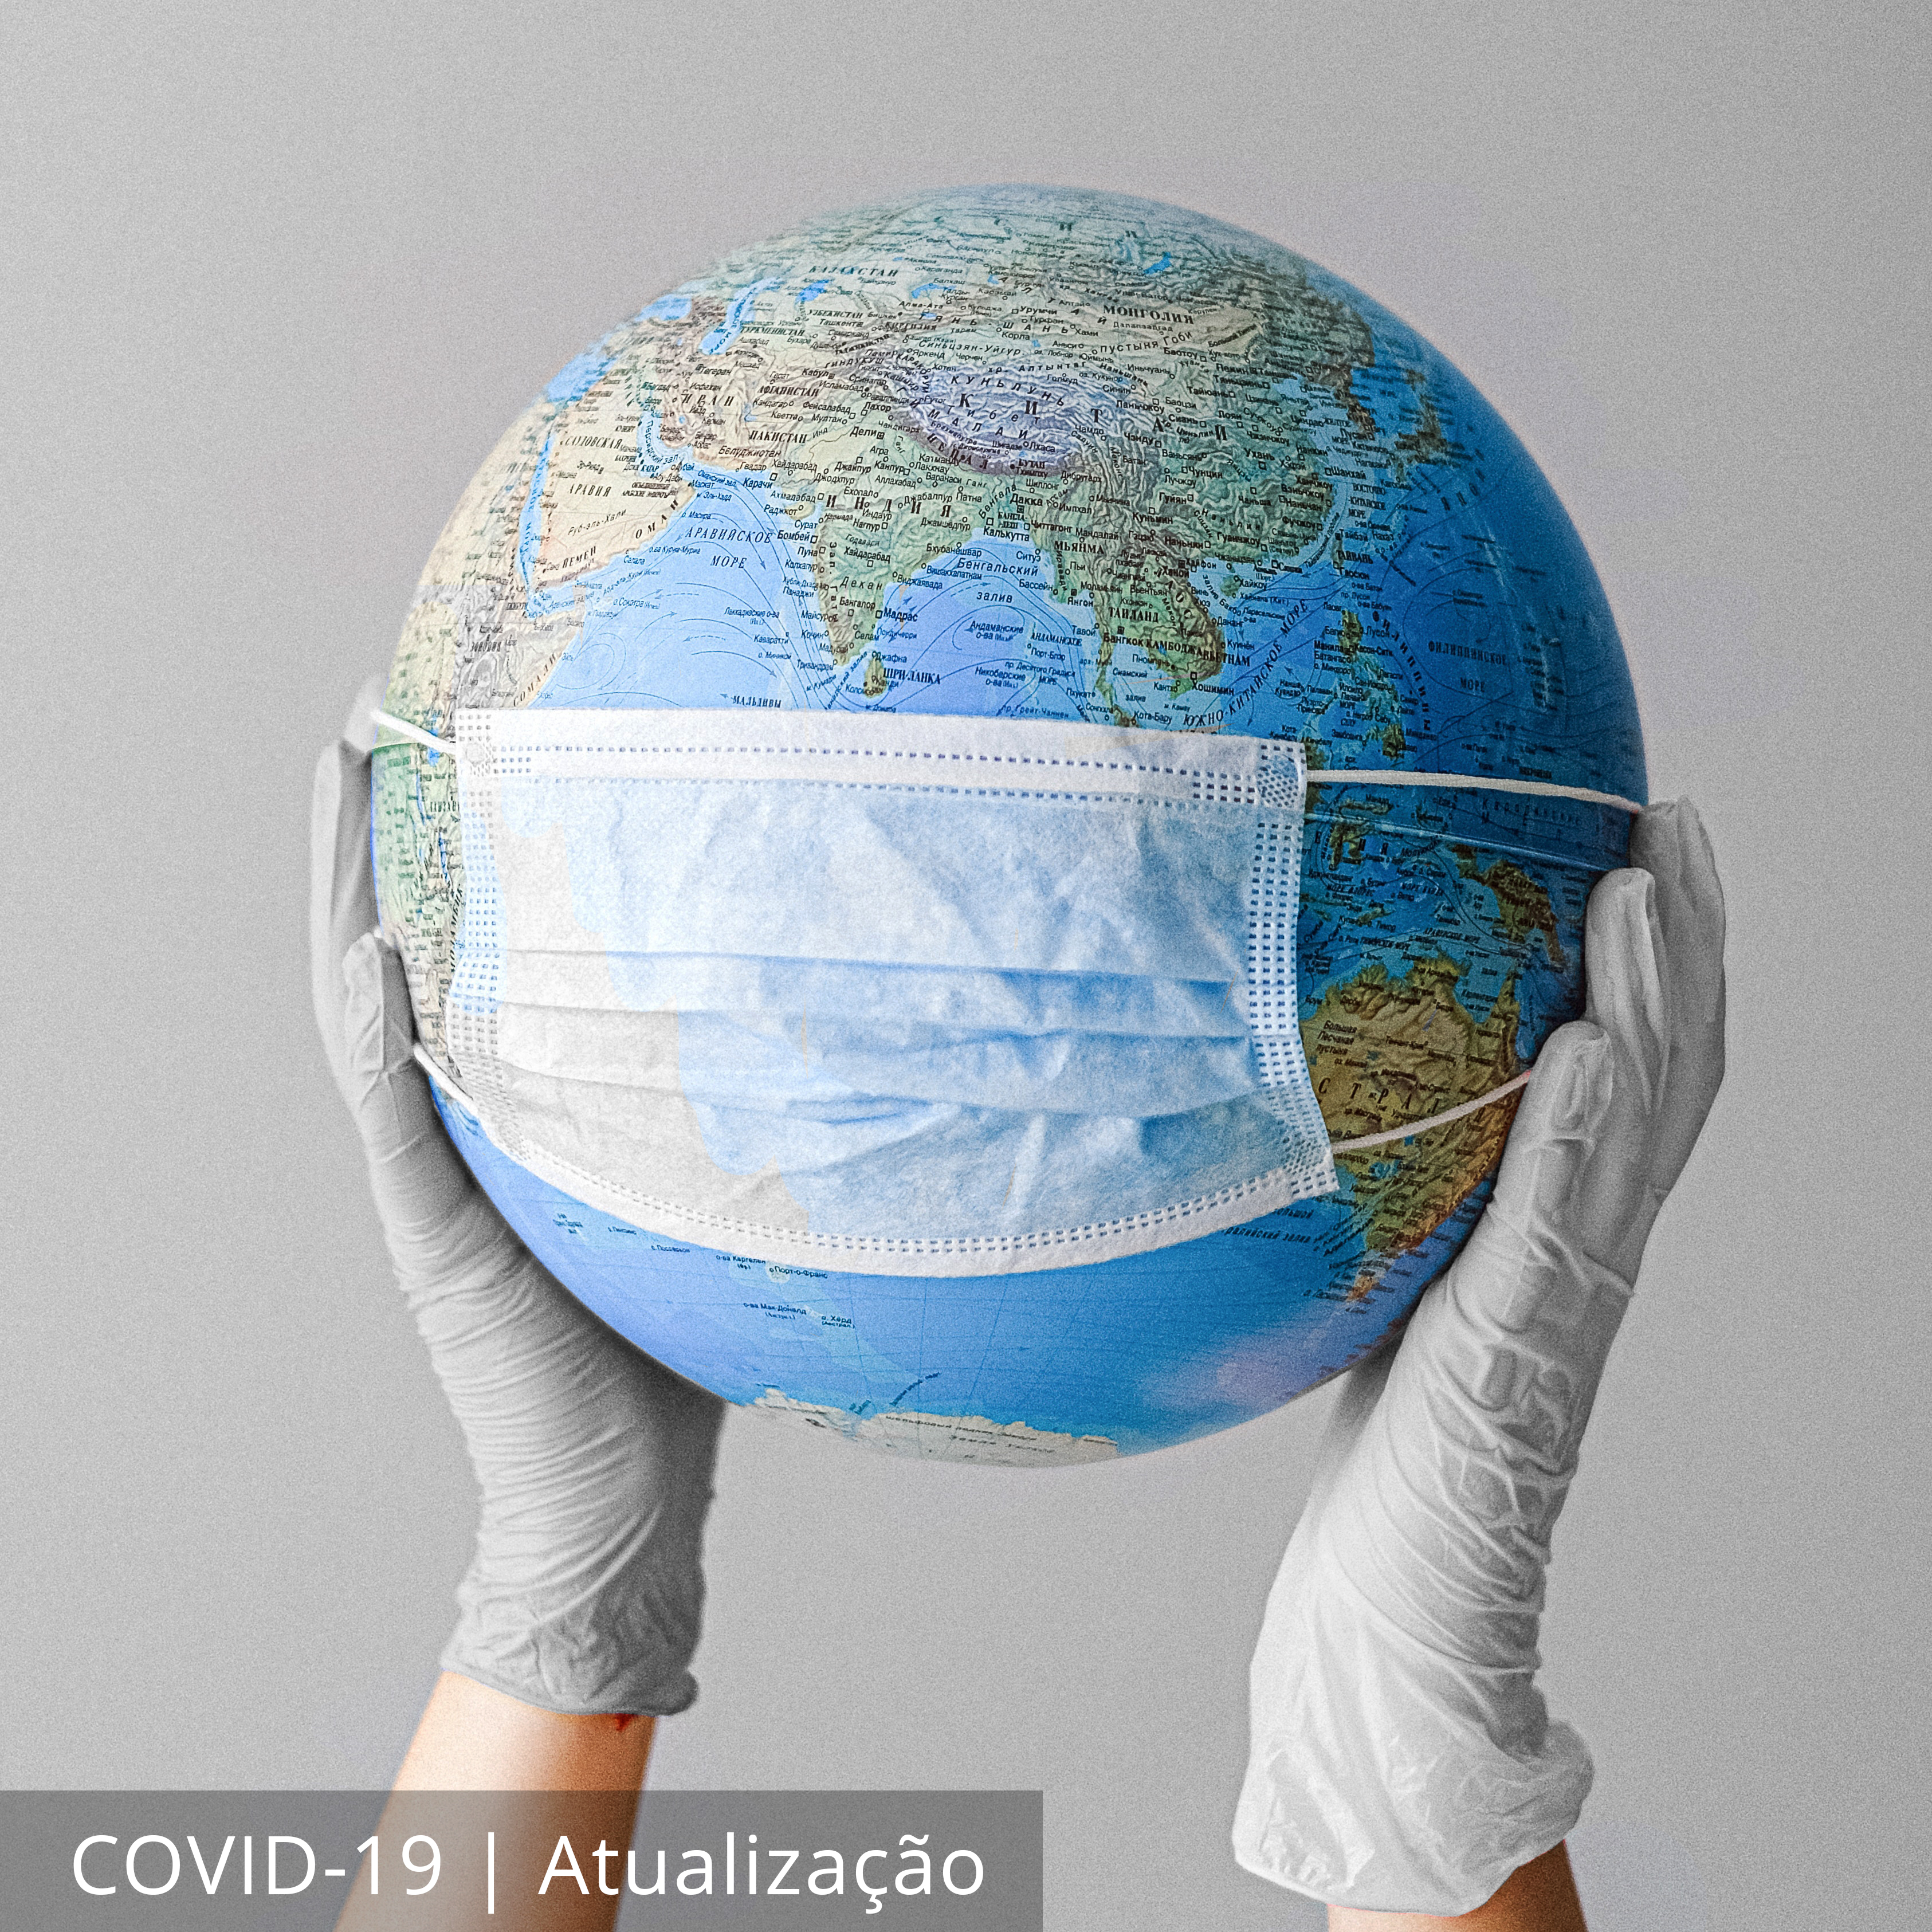 <b>ATUALIZAÇÃO</b> - COVID-19